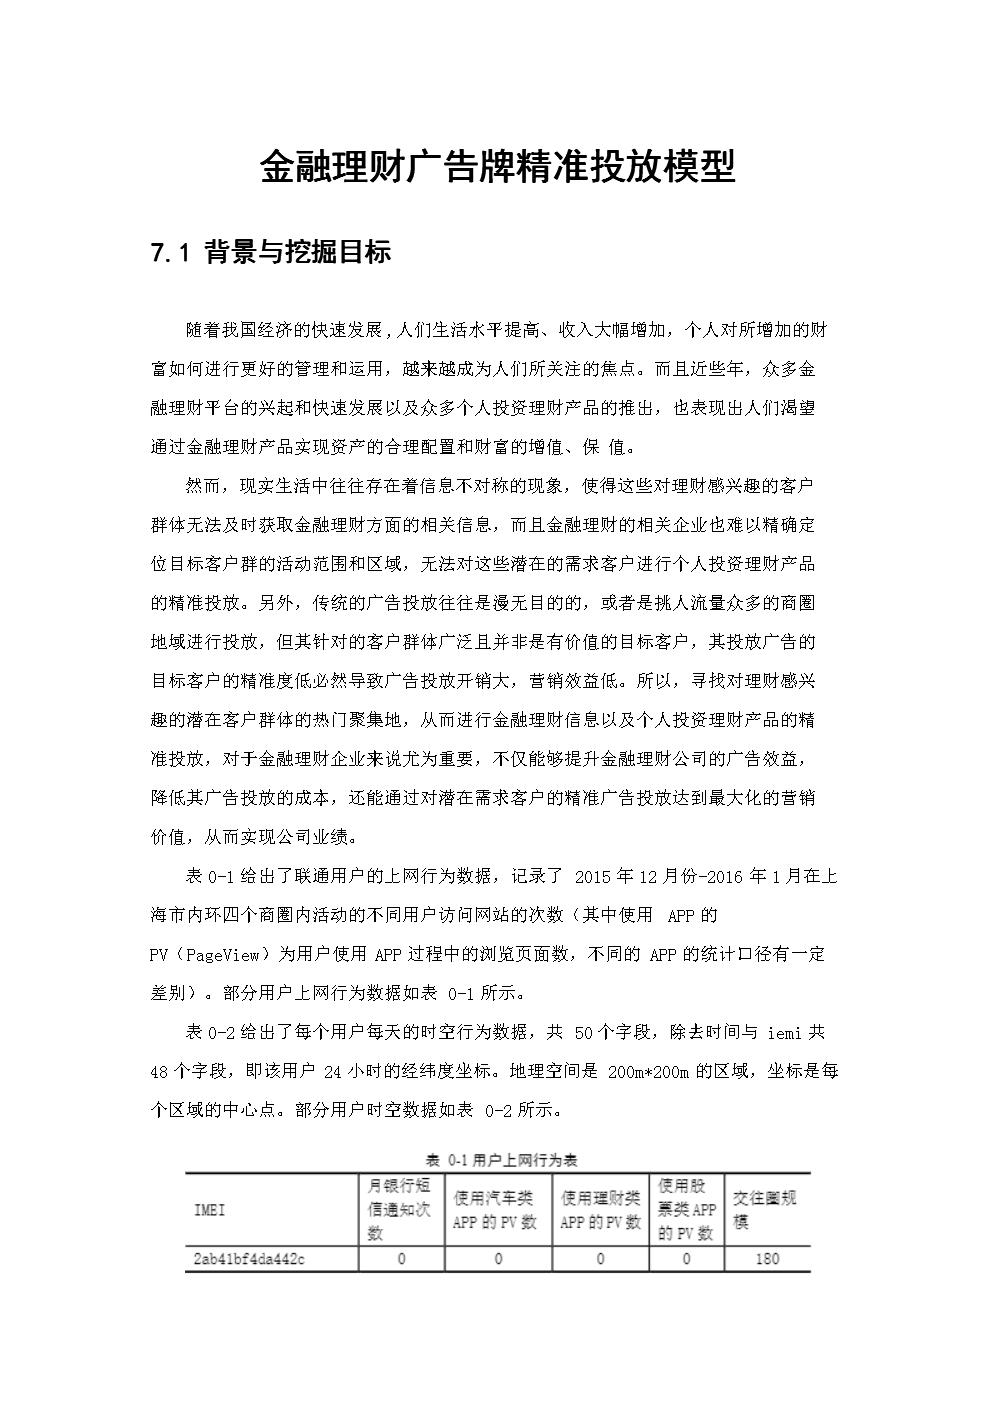 金融理财广告牌精准投放大数据模型.docx